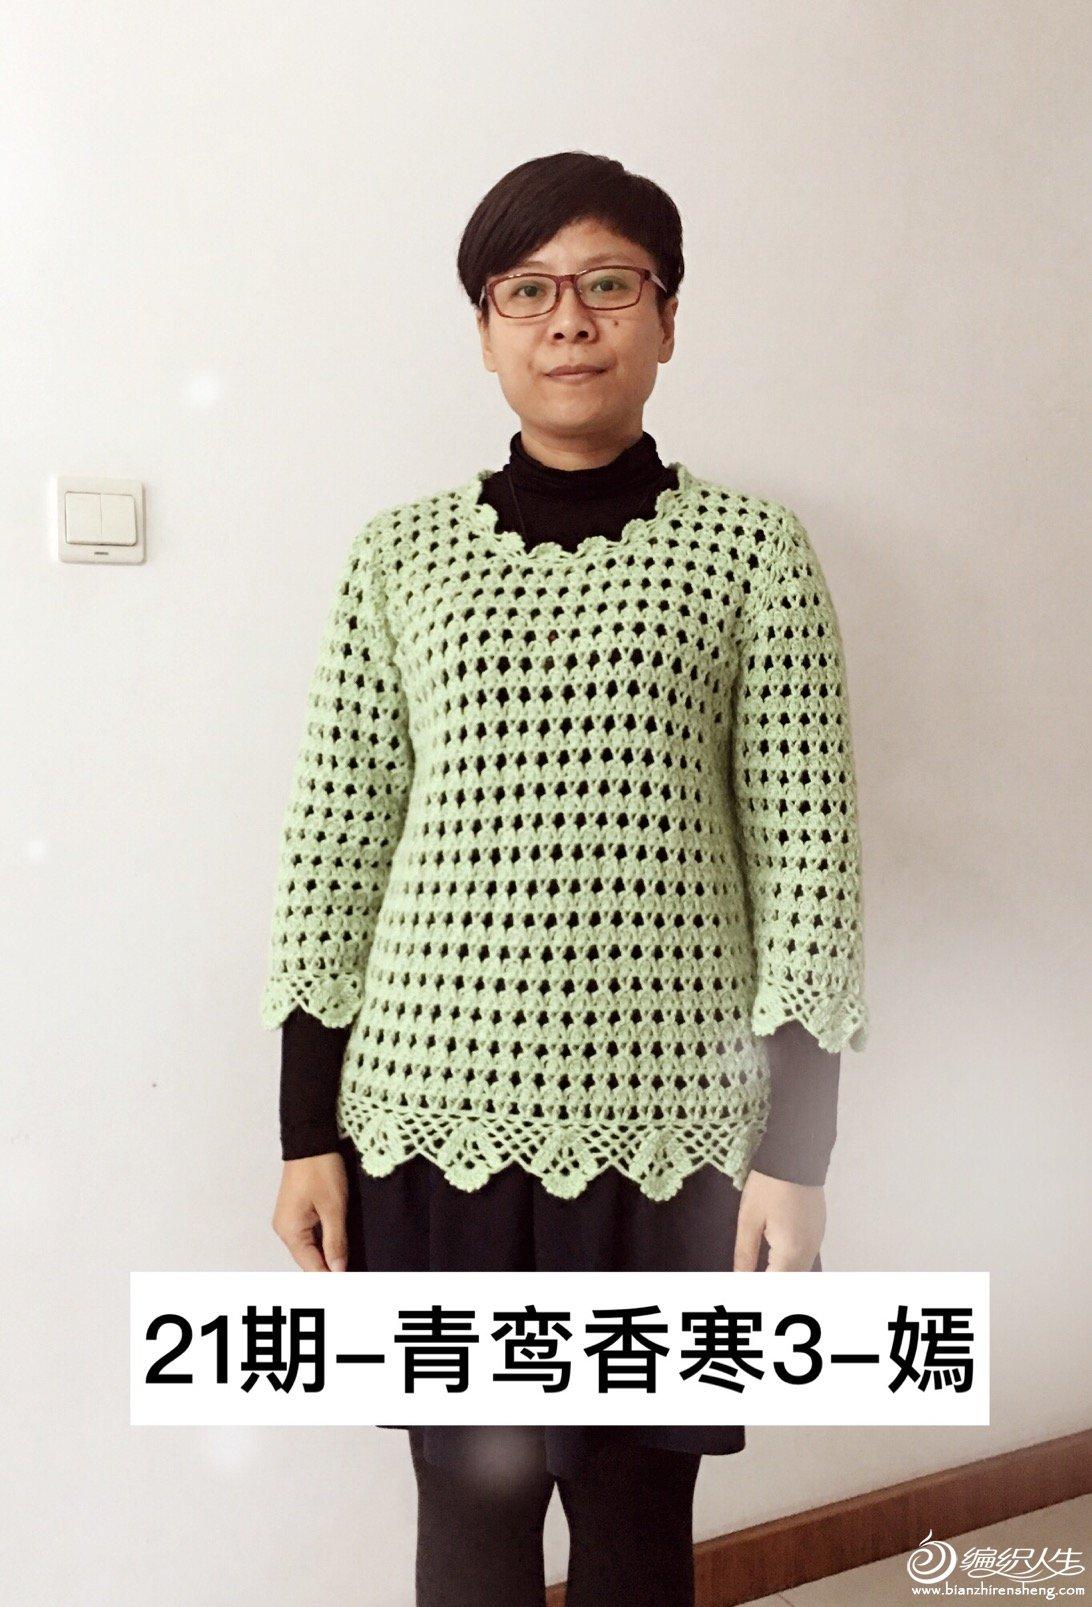 21期-青鸾香寒3-嫣.jpg